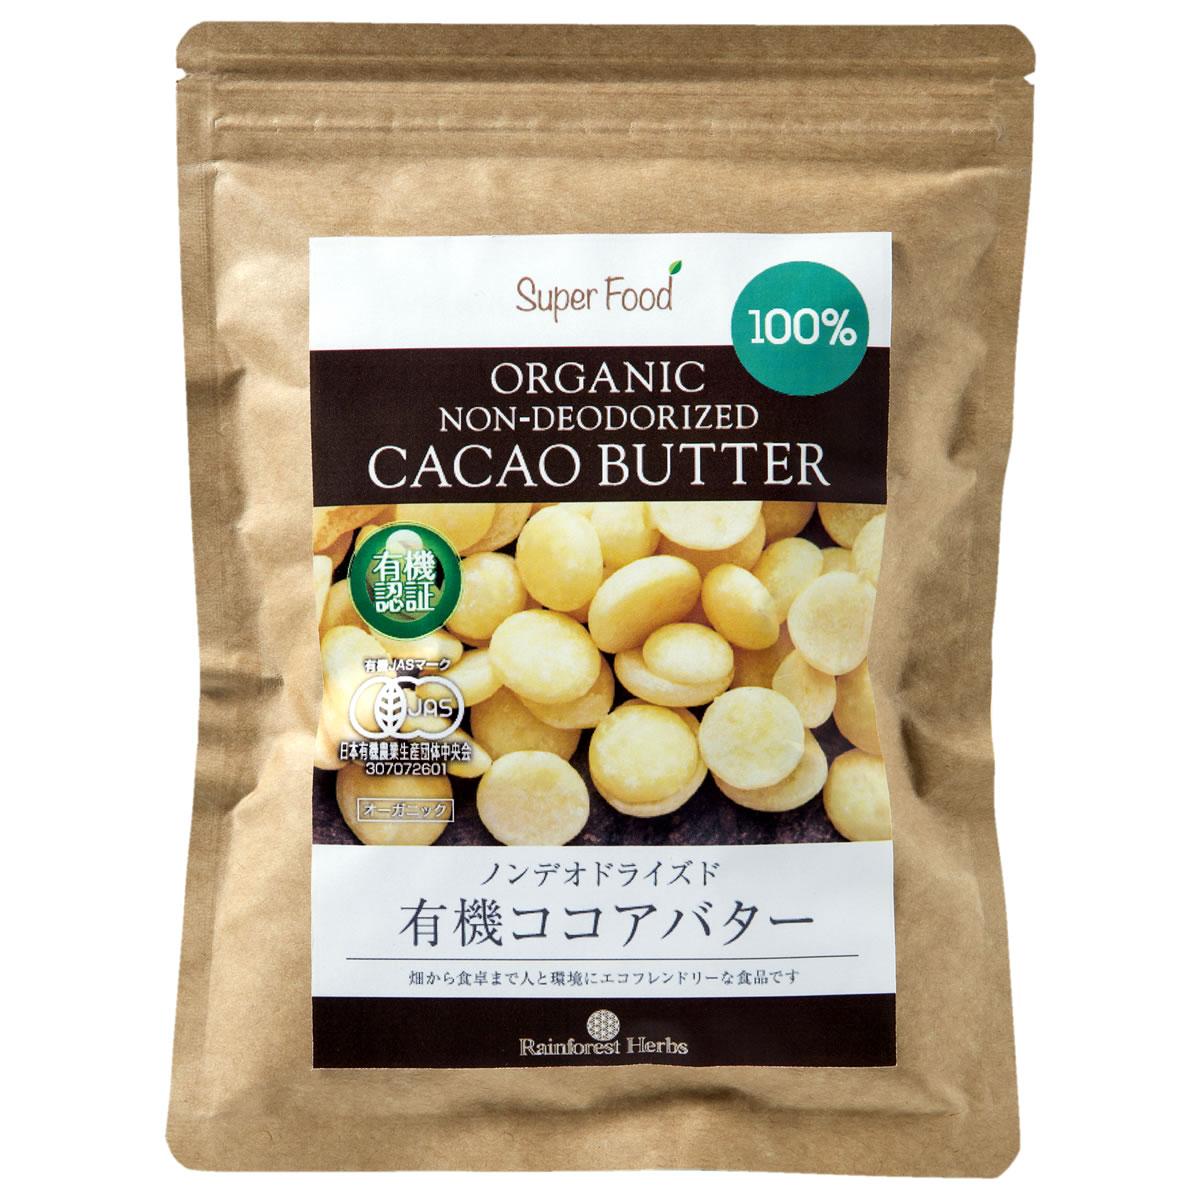 有機カカオバター ココアバター ペルー産 300g 有機JASオーガニック ローカカオバター100% 未脱臭 溶剤不使用